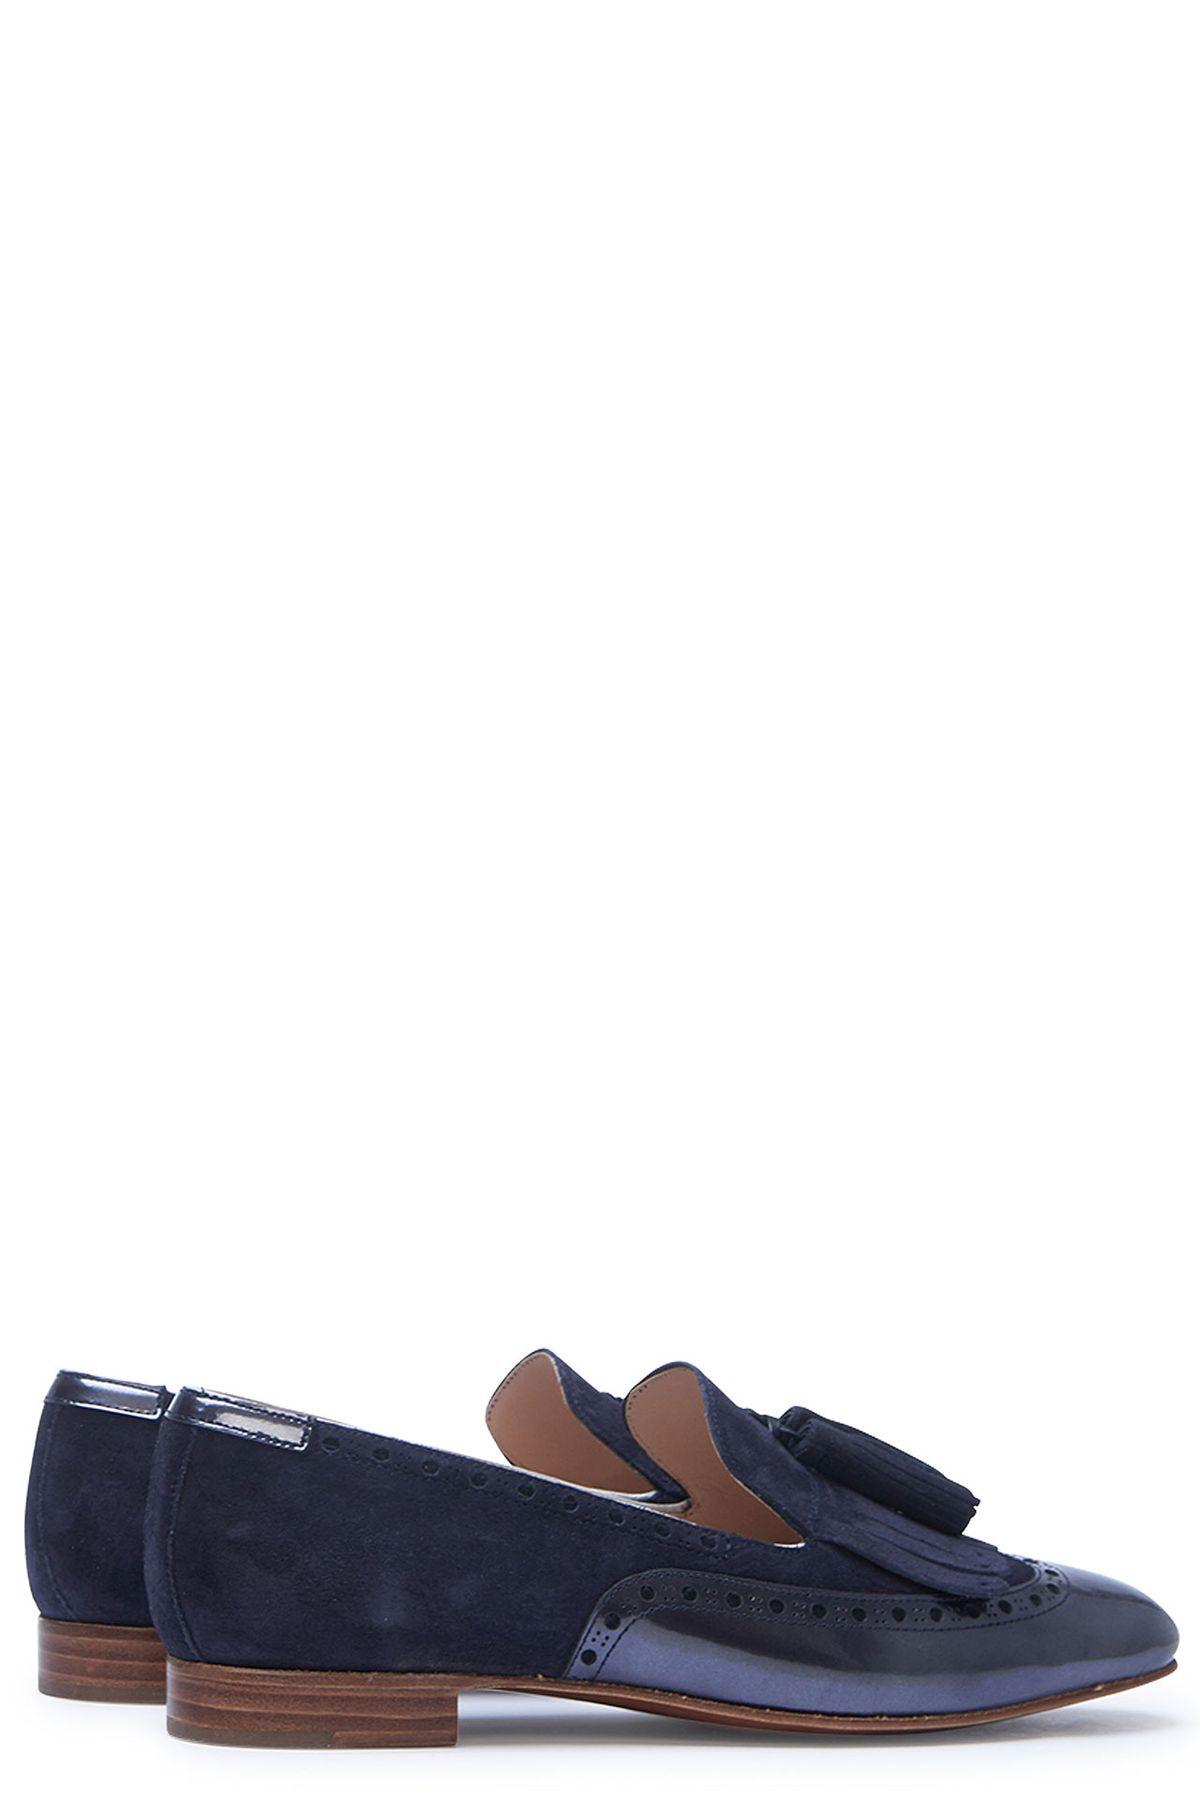 Pertini 14552 - Blu Shopping Bag mi4GC